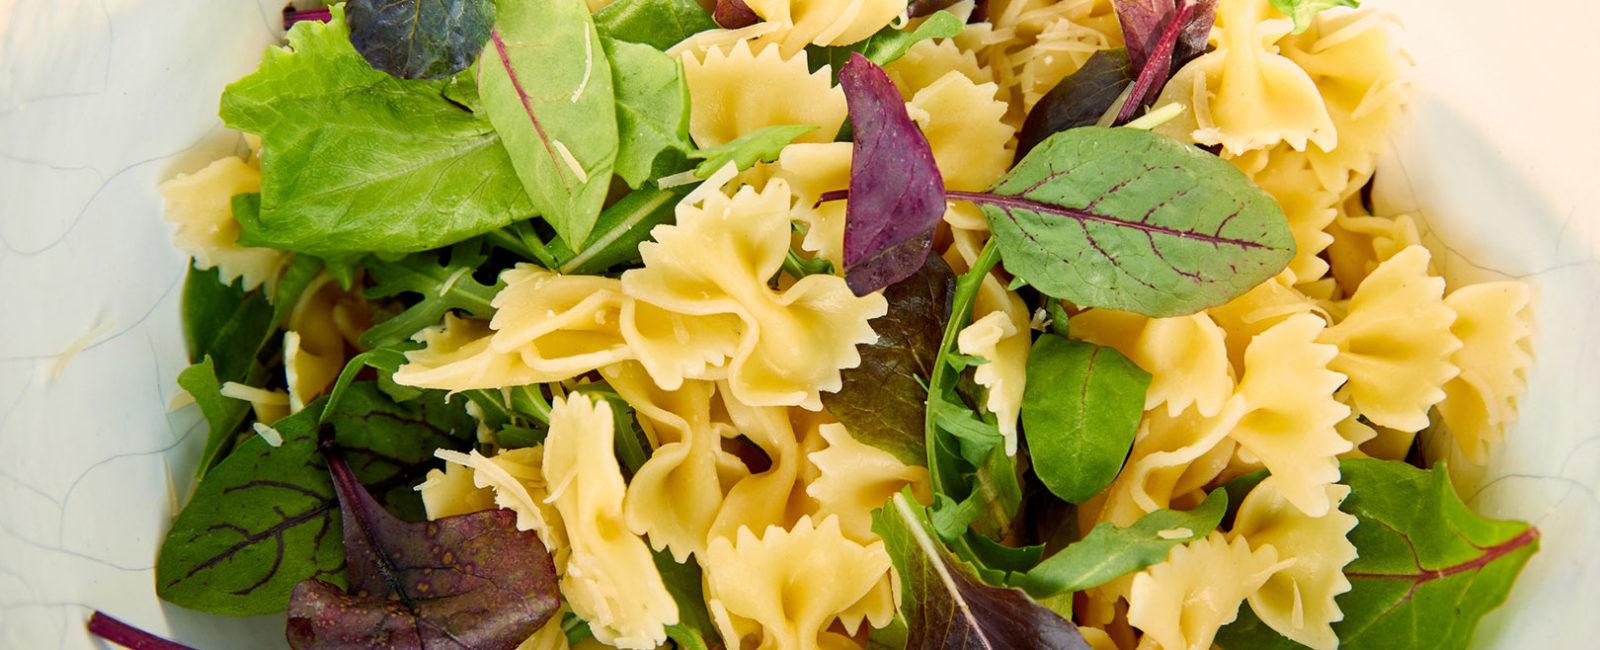 Lebensmittelunverträglichkeiten und Allergien auf Nudeln